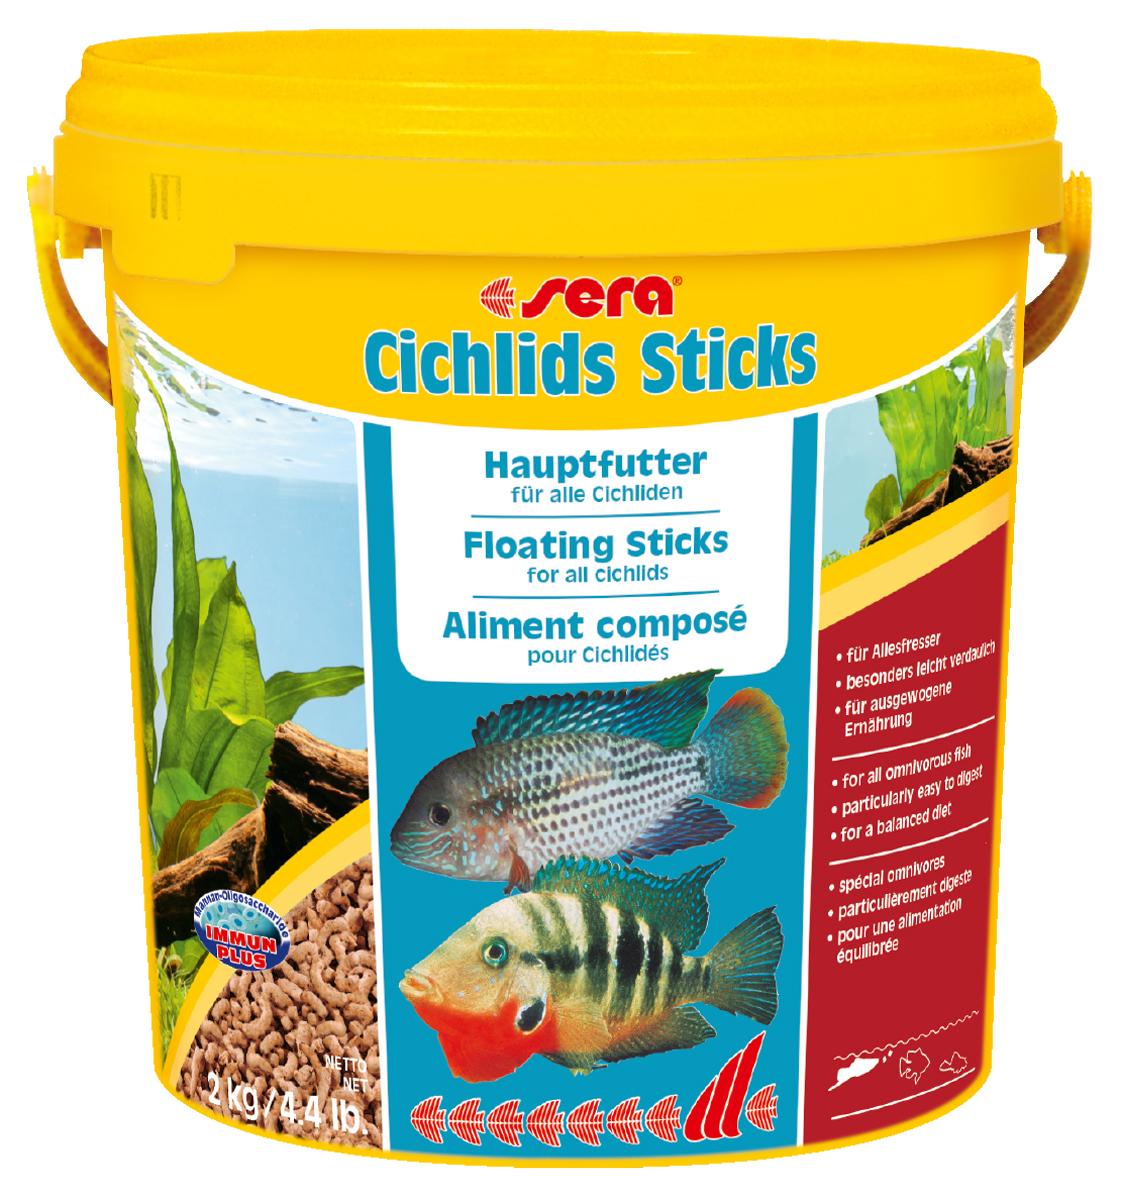 Корм для рыб Sera Cichlids Sticks, 10 л (2 кг)0220Корм для рыб Sera Cichlids Sticks предназначен для крупных всеядных цихлид. Корм изготовлен в виде палочек, произведенных путем бережной обработки сырья. Благодаря высокому содержанию ценных белков и входящим в состав зародышам пшеницы, этот сбалансированный корм легко усваивается и особенно привлекателен для рыб. Формула Vital-Immun-Protect гарантирует рыбам прекрасное здоровье, укрепление иммунитета и обилие жизненных сил. Плавающие палочки сохраняют свою форму в воде, не загрязняя ее. Корм не содержит красителей, благодаря чему ни при каких условиях не подкрашивает воду в аквариуме. Инструкция по применению: Кормить один-два раза в день, но только в том количестве, которое рыбы могут съесть в течение короткого периода времени. Ингредиенты: рыбная мука, кукурузный крахмал, пшеничная мука, пшеничная клейковина, пшеничные зародыши (5%), пивные дрожжи, рыбий жир (49% Омега жирных кислот), гаммарус, маннанолиго-сахариды...